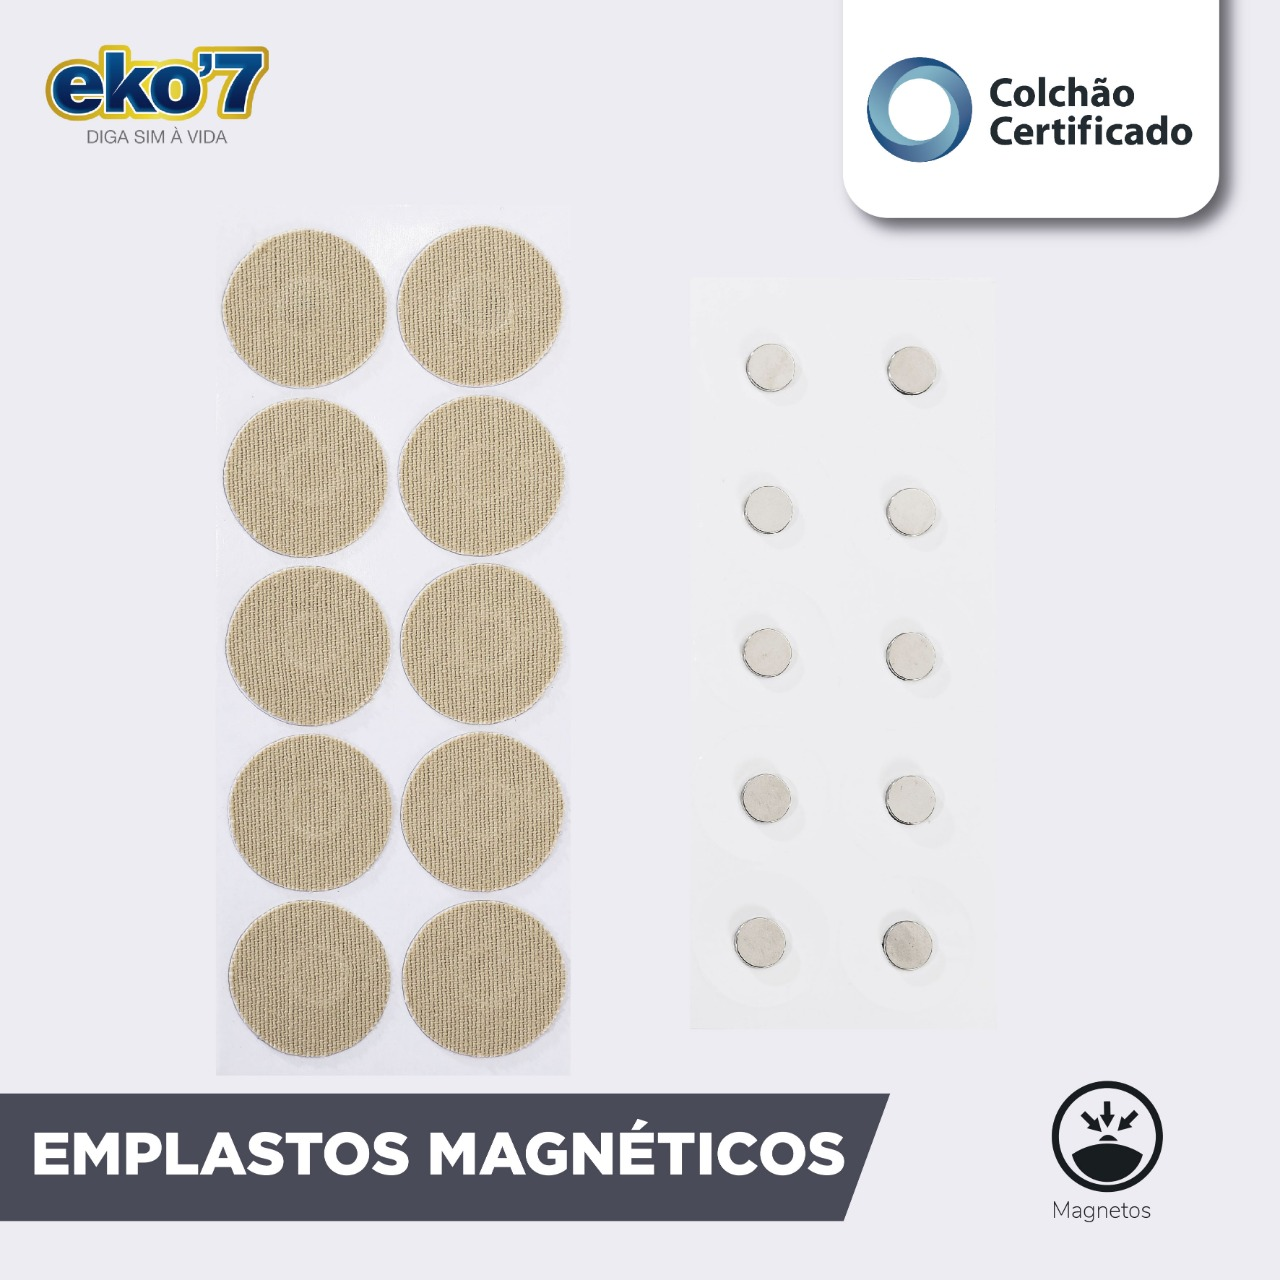 Caixa de Emplastos Magnéticos Reutilizáveis - 10 unidades